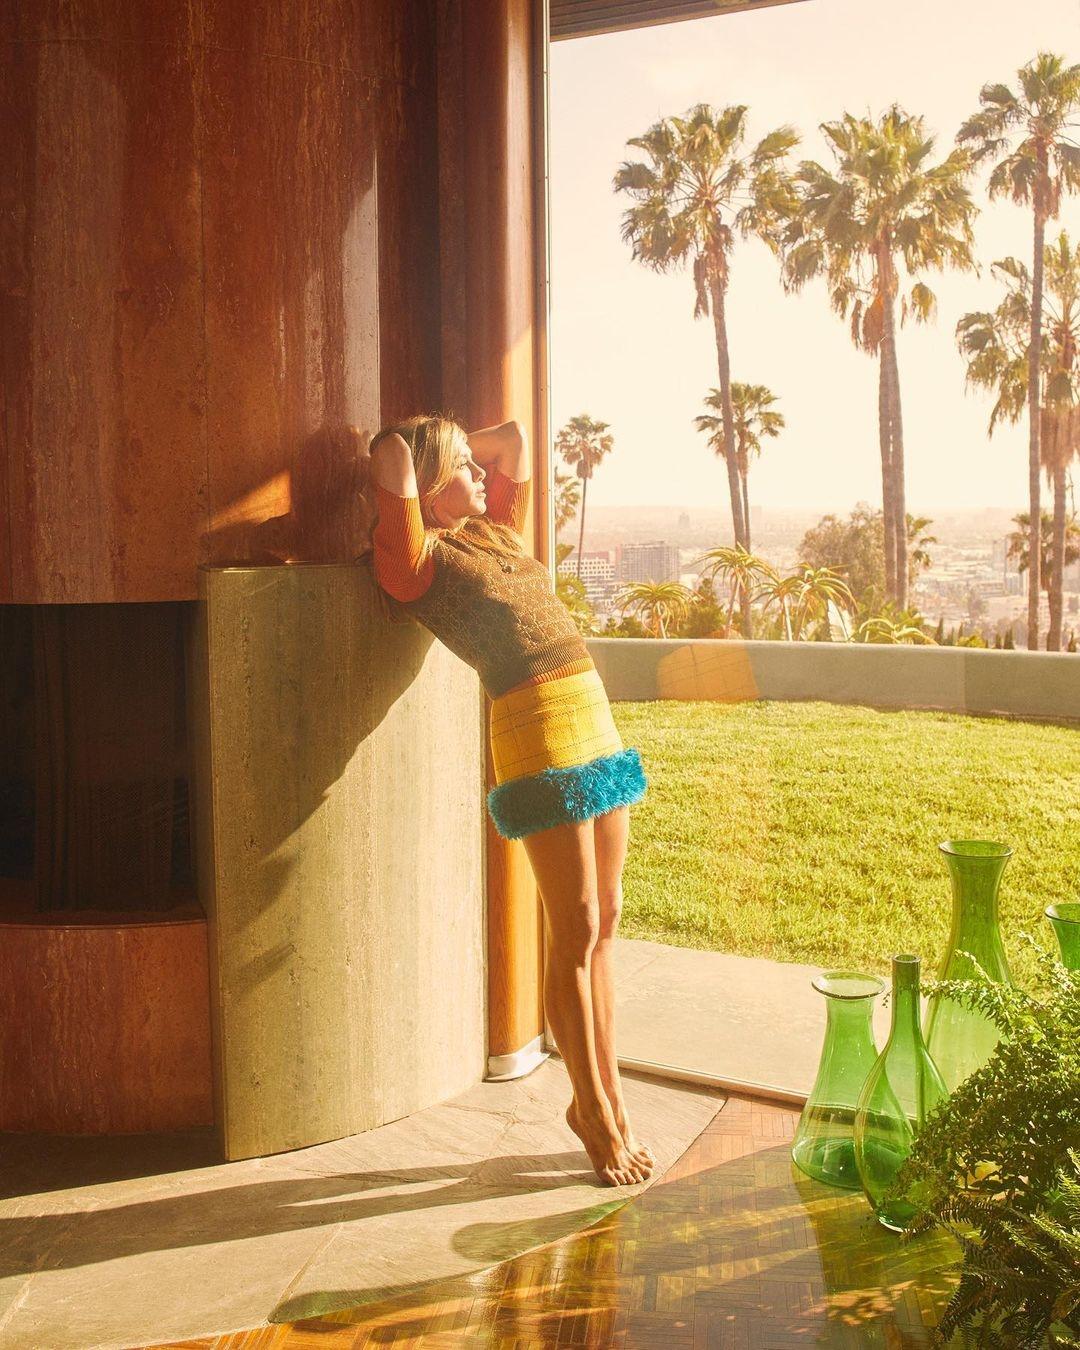 Неувядающая красота: Дженнифер Энистон покорила поклонников новой съемкой для глянца (ФОТО) - фото №3